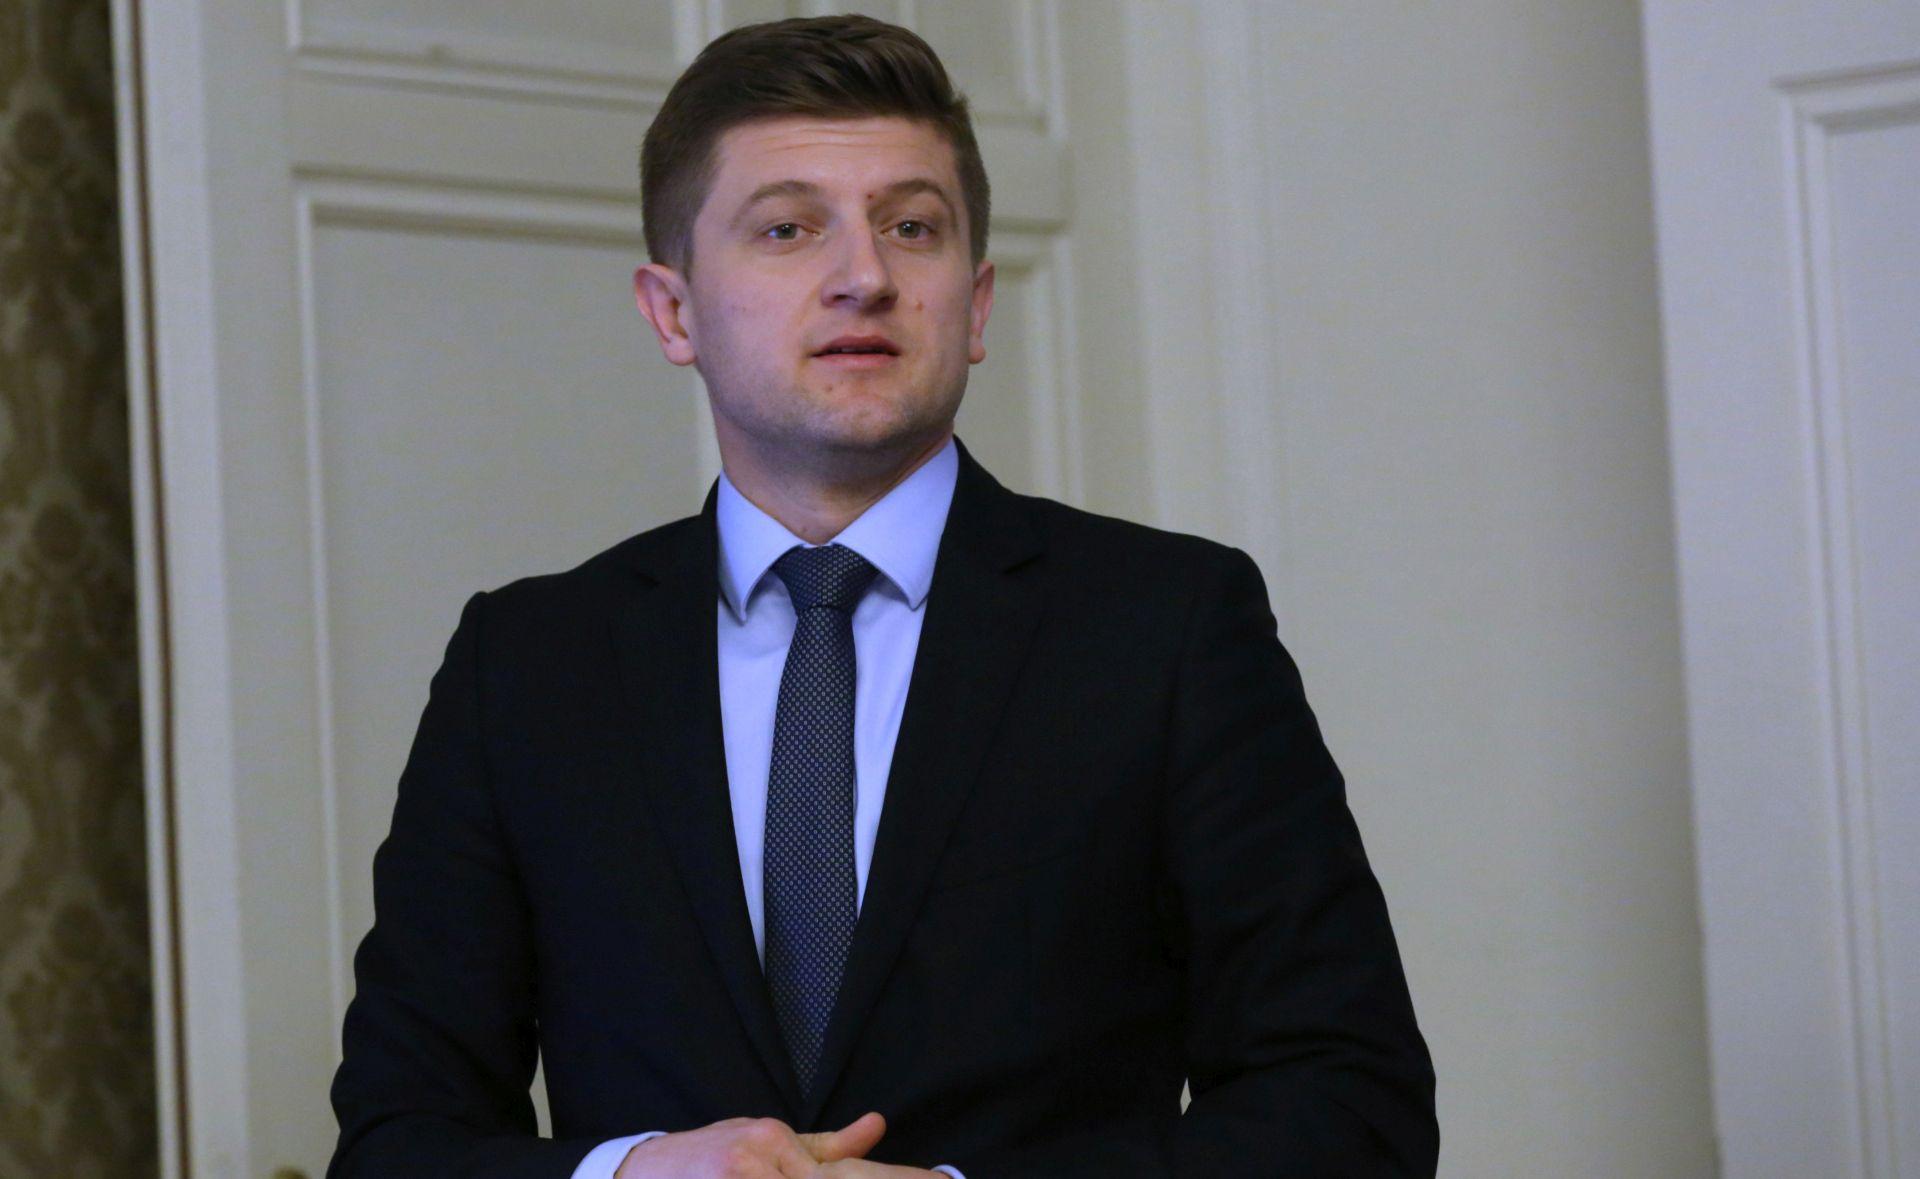 MINISTAR FINANCIJA O DUGOVIMA U ZDRAVSTVU 'Potrebna je reforma, zahvatiti i troškovnu stranu'